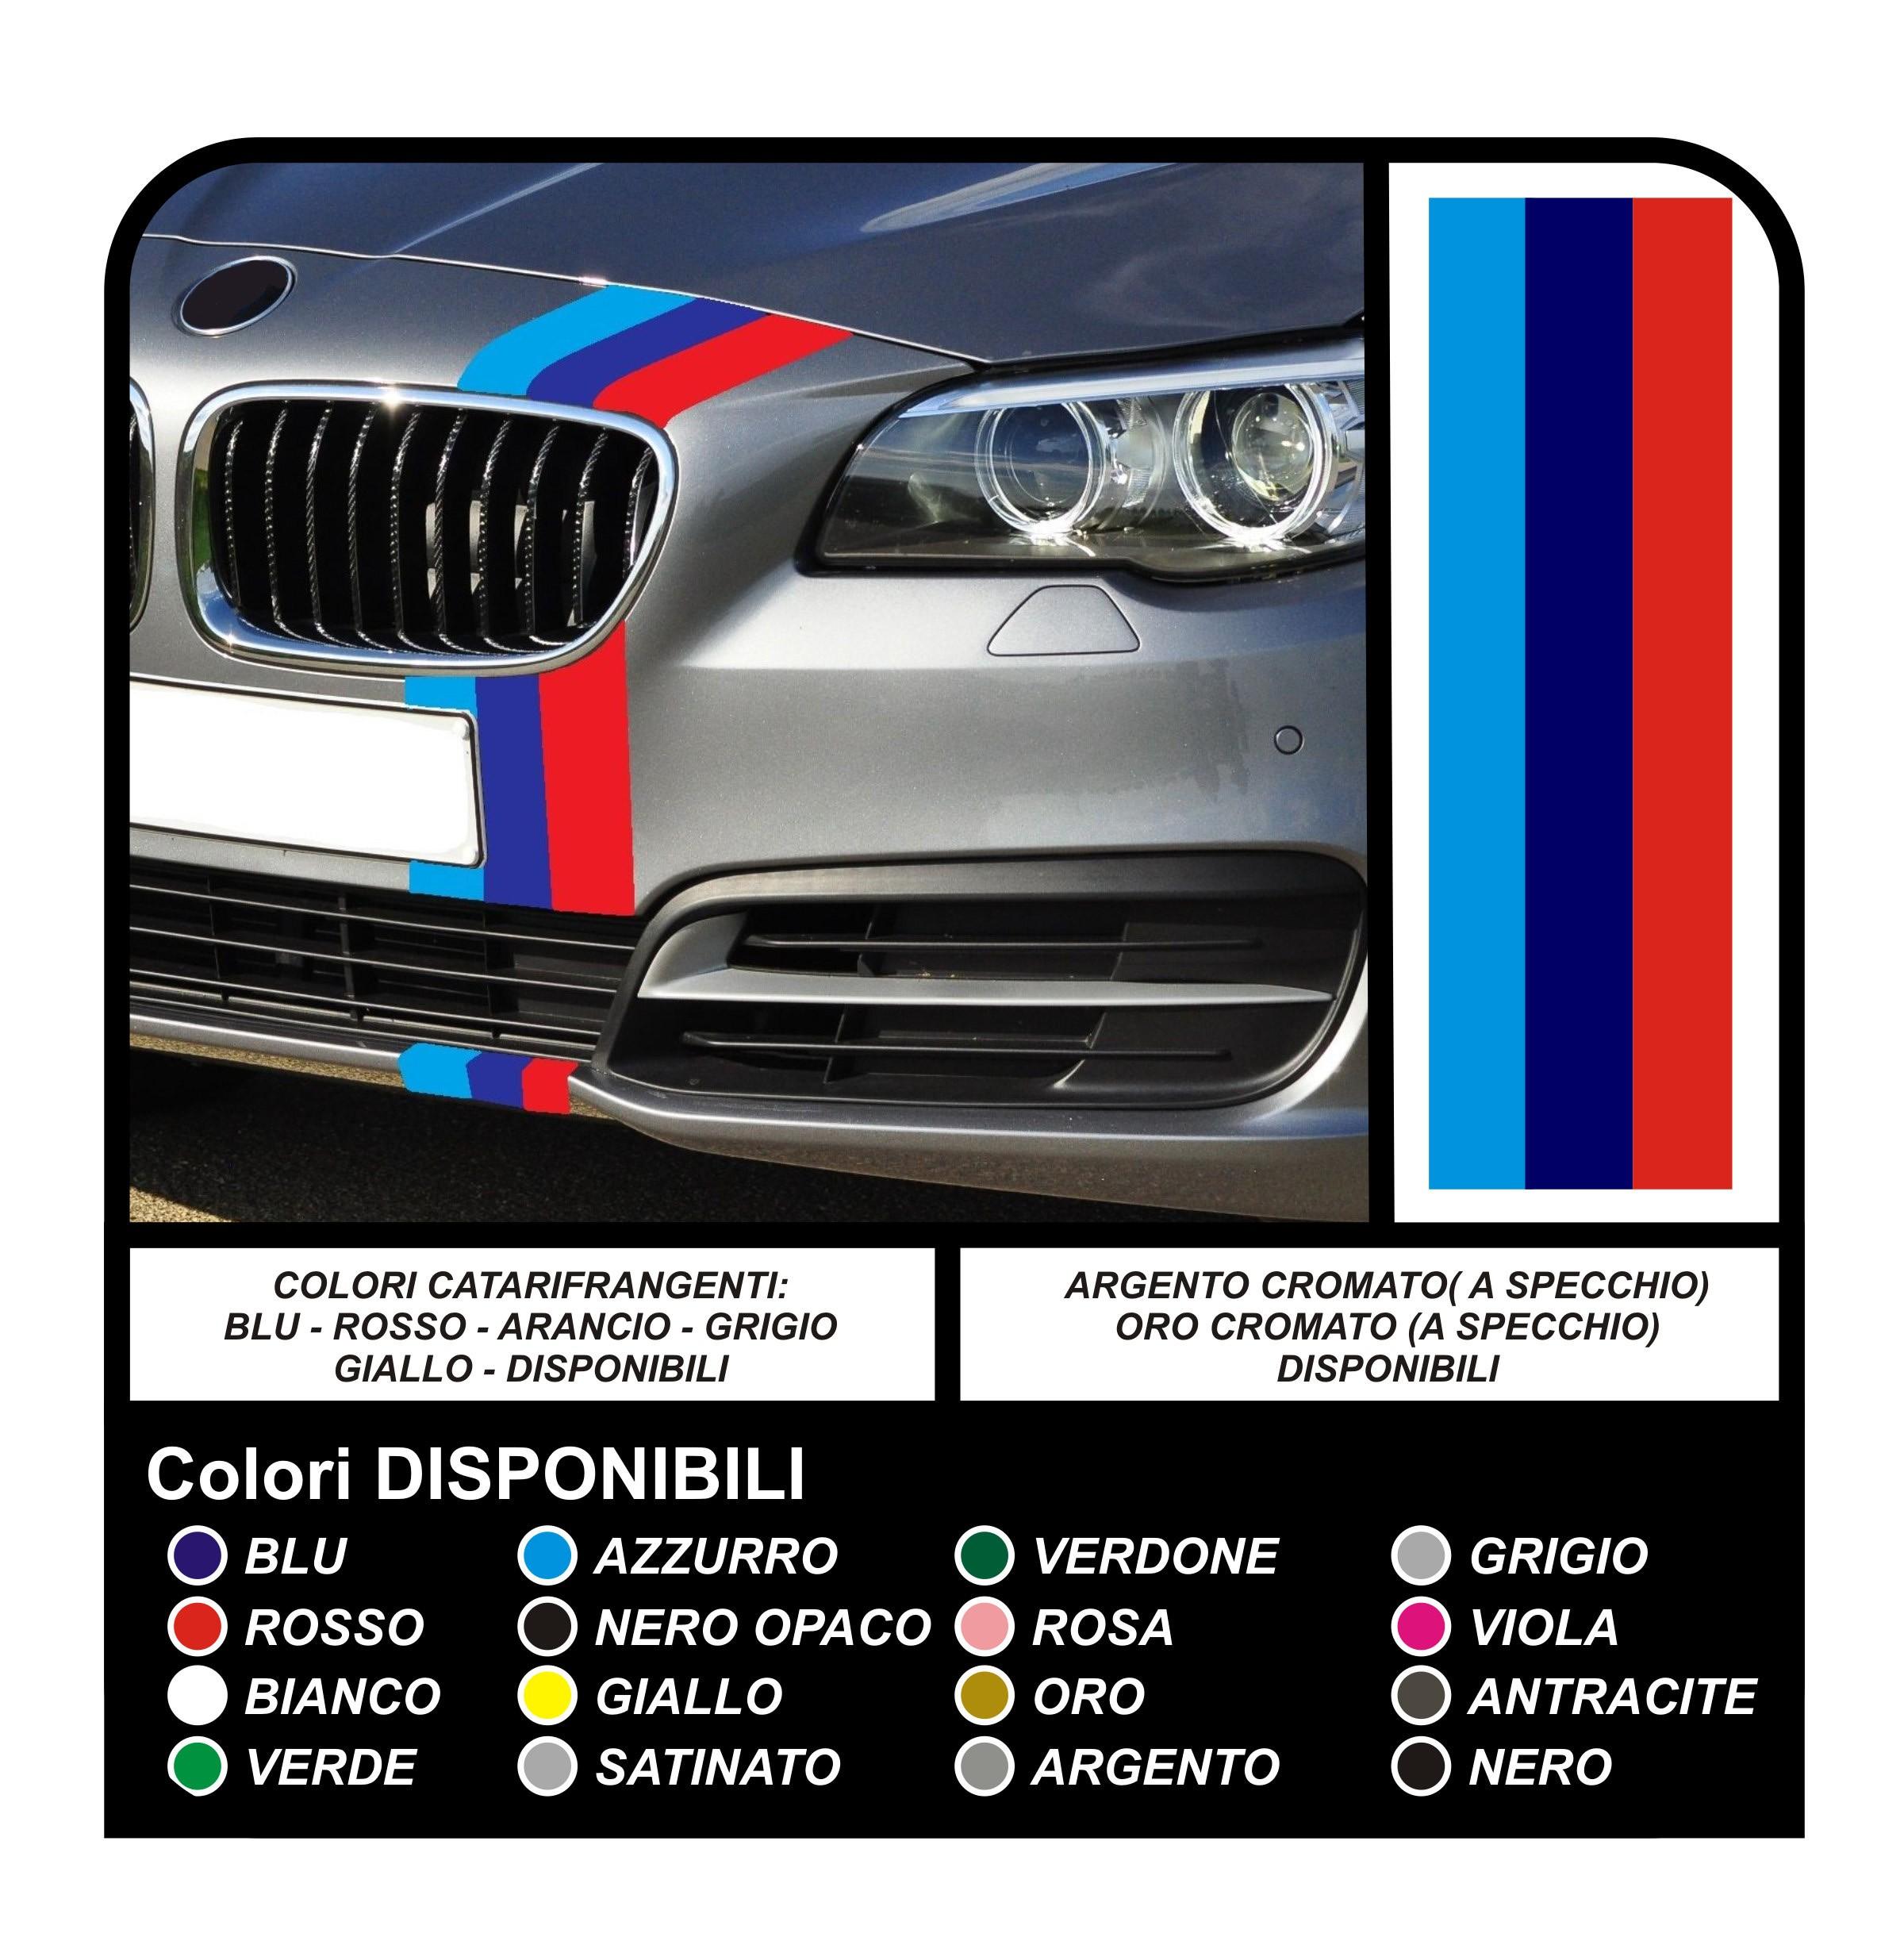 Stickers Band Bumper For Bmw All Models E36 E46 E60 E90 M3 M5 F01 F10 E36 E46 E90 E60 F01 Decal Series 1 3 5